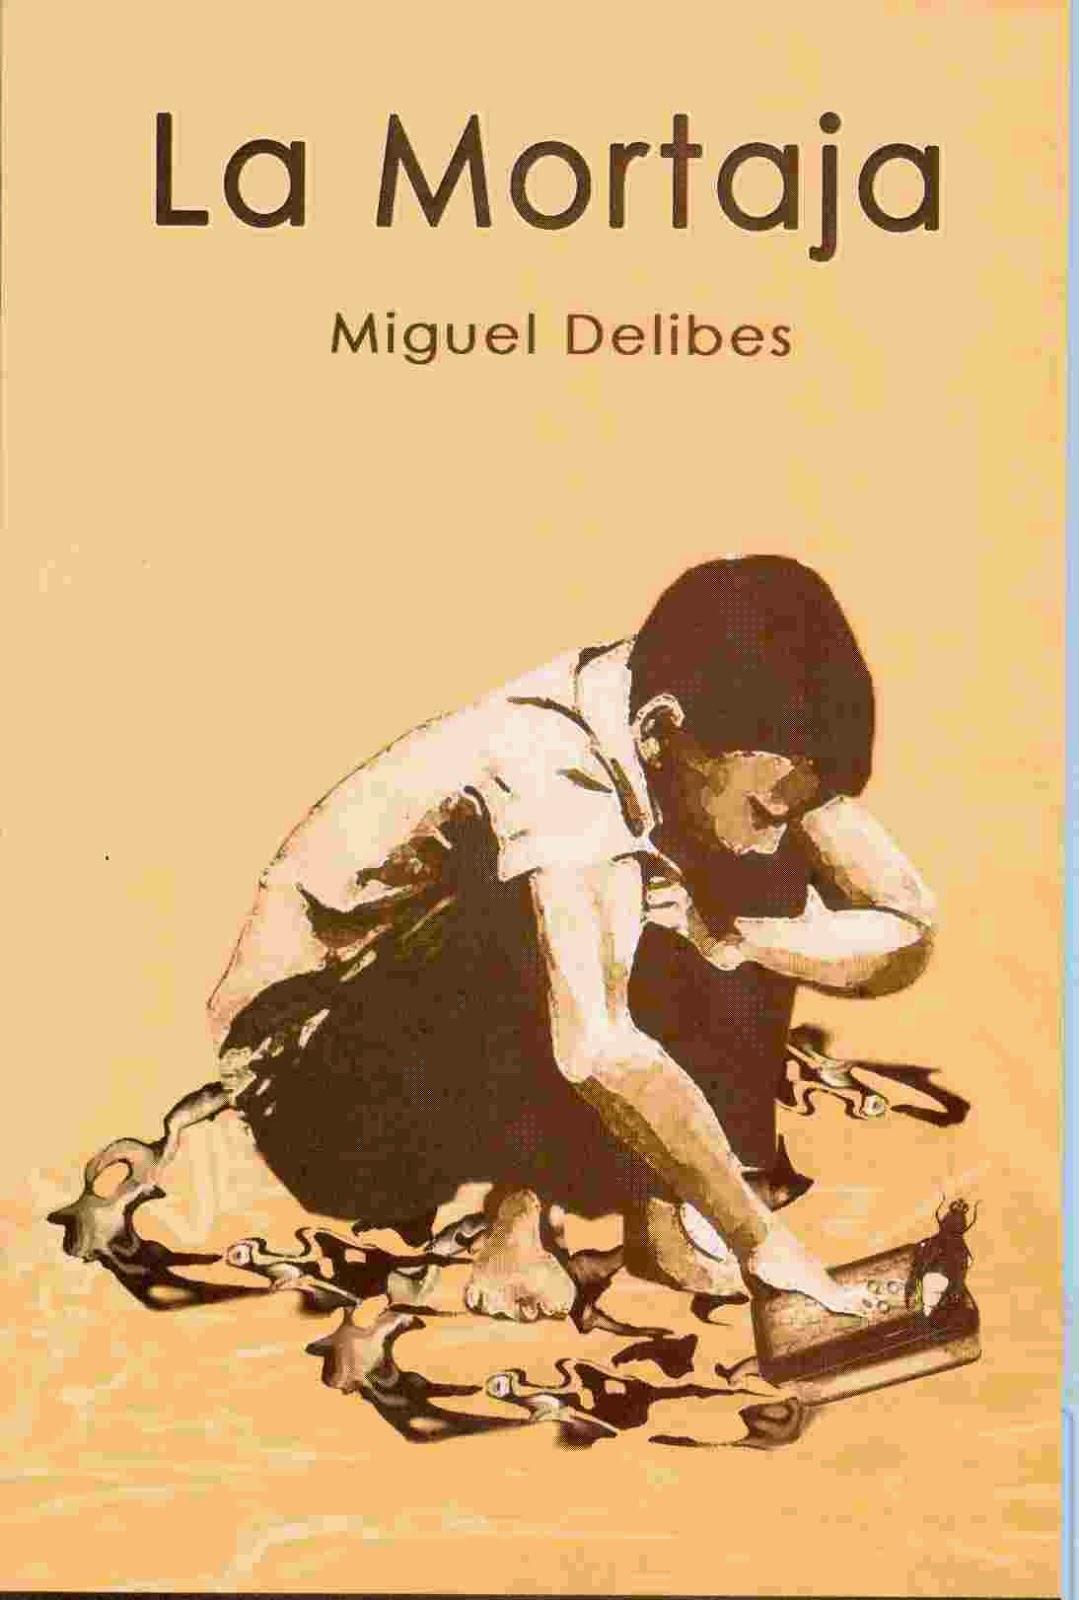 Audiolibro La mortaja - Miguel Delibes